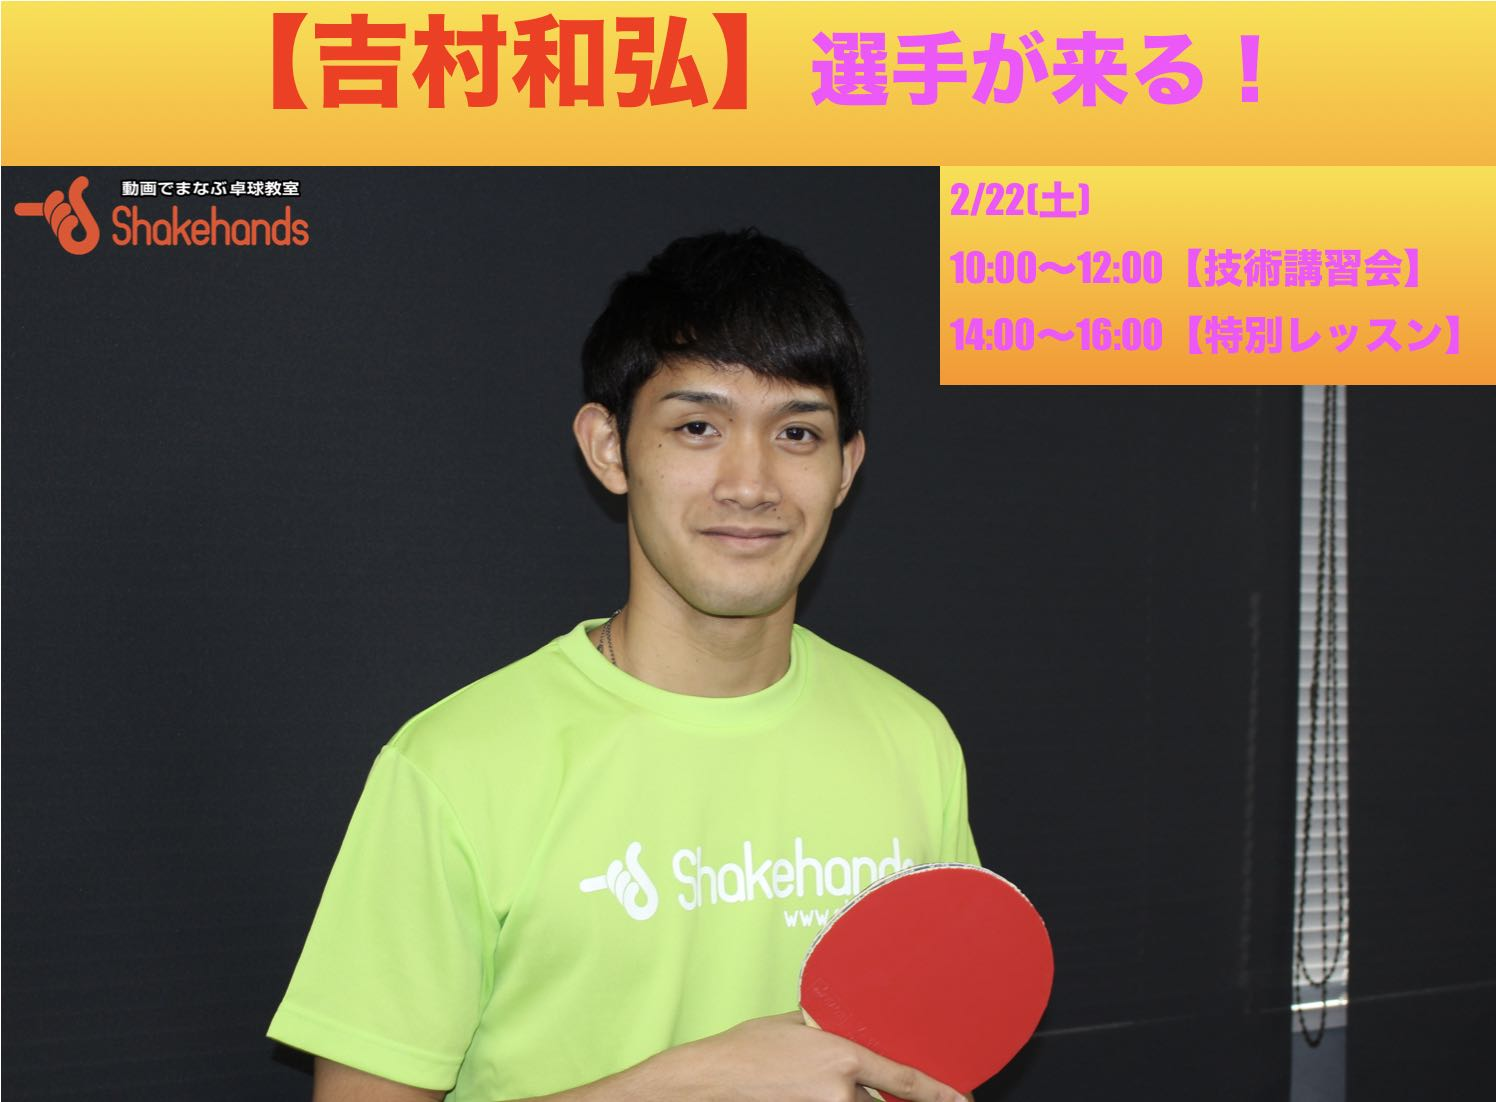 【特別企画】今月は吉村和弘が来る!トップ選手の技術を大公開!